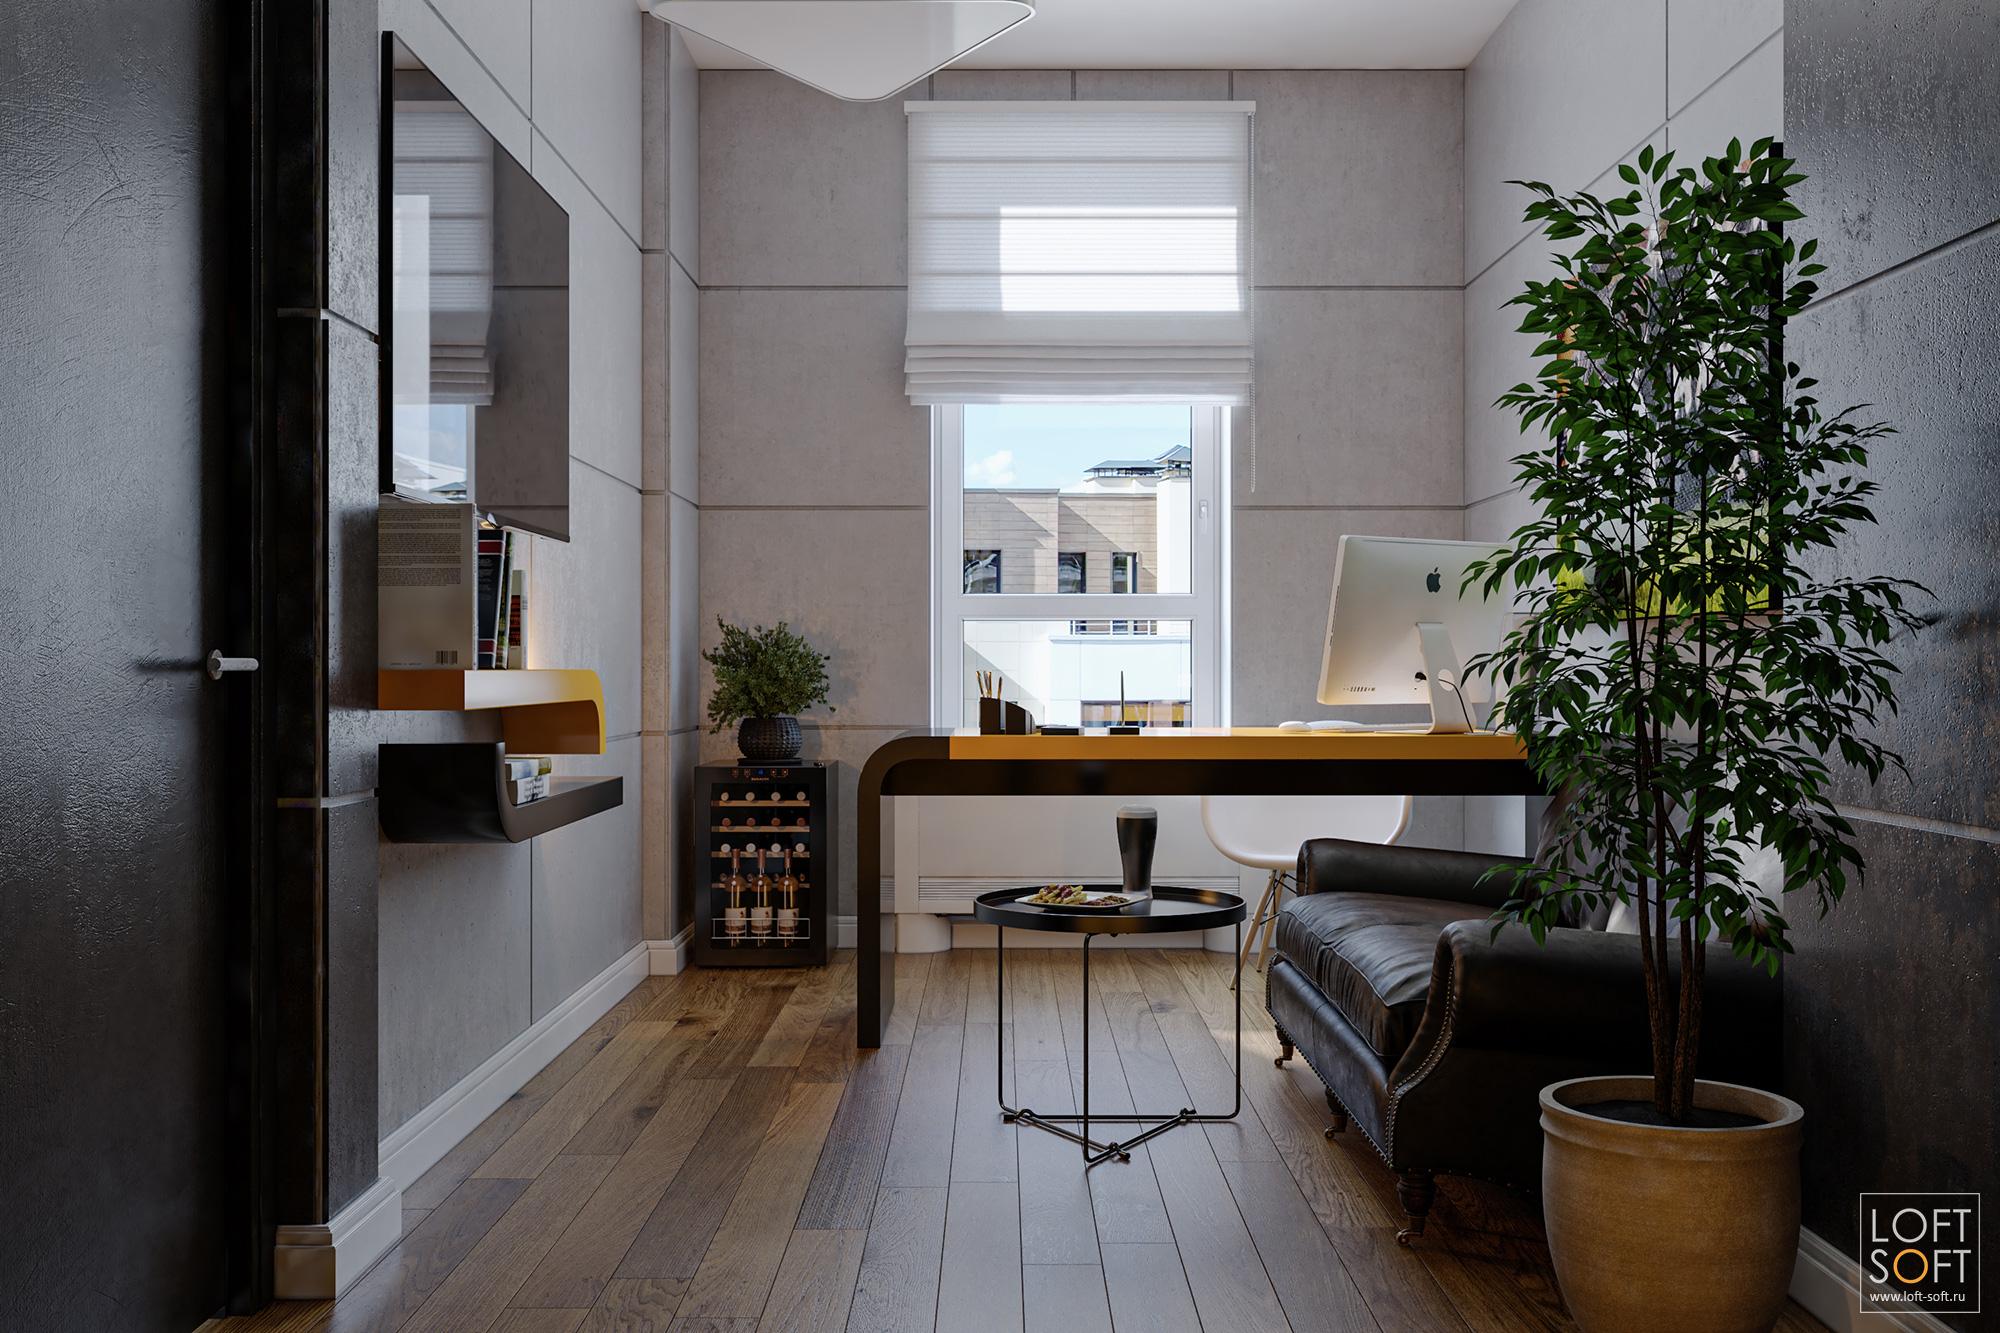 Современный интерьер рабочего кабинета. Панели из бетона винтерьере.